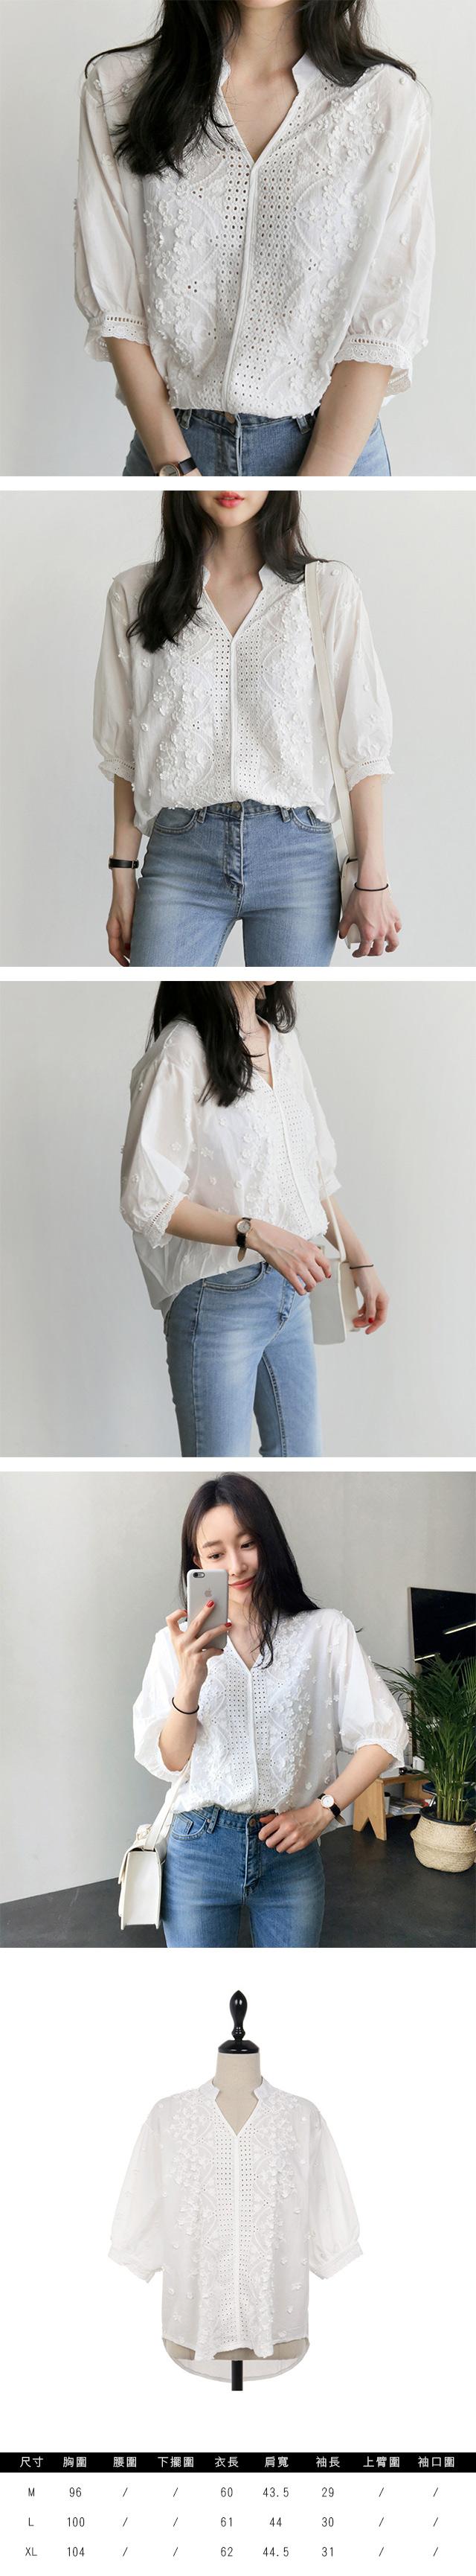 初色氣質蕾絲刺繡純色襯衫-白色-(M-XL可選)